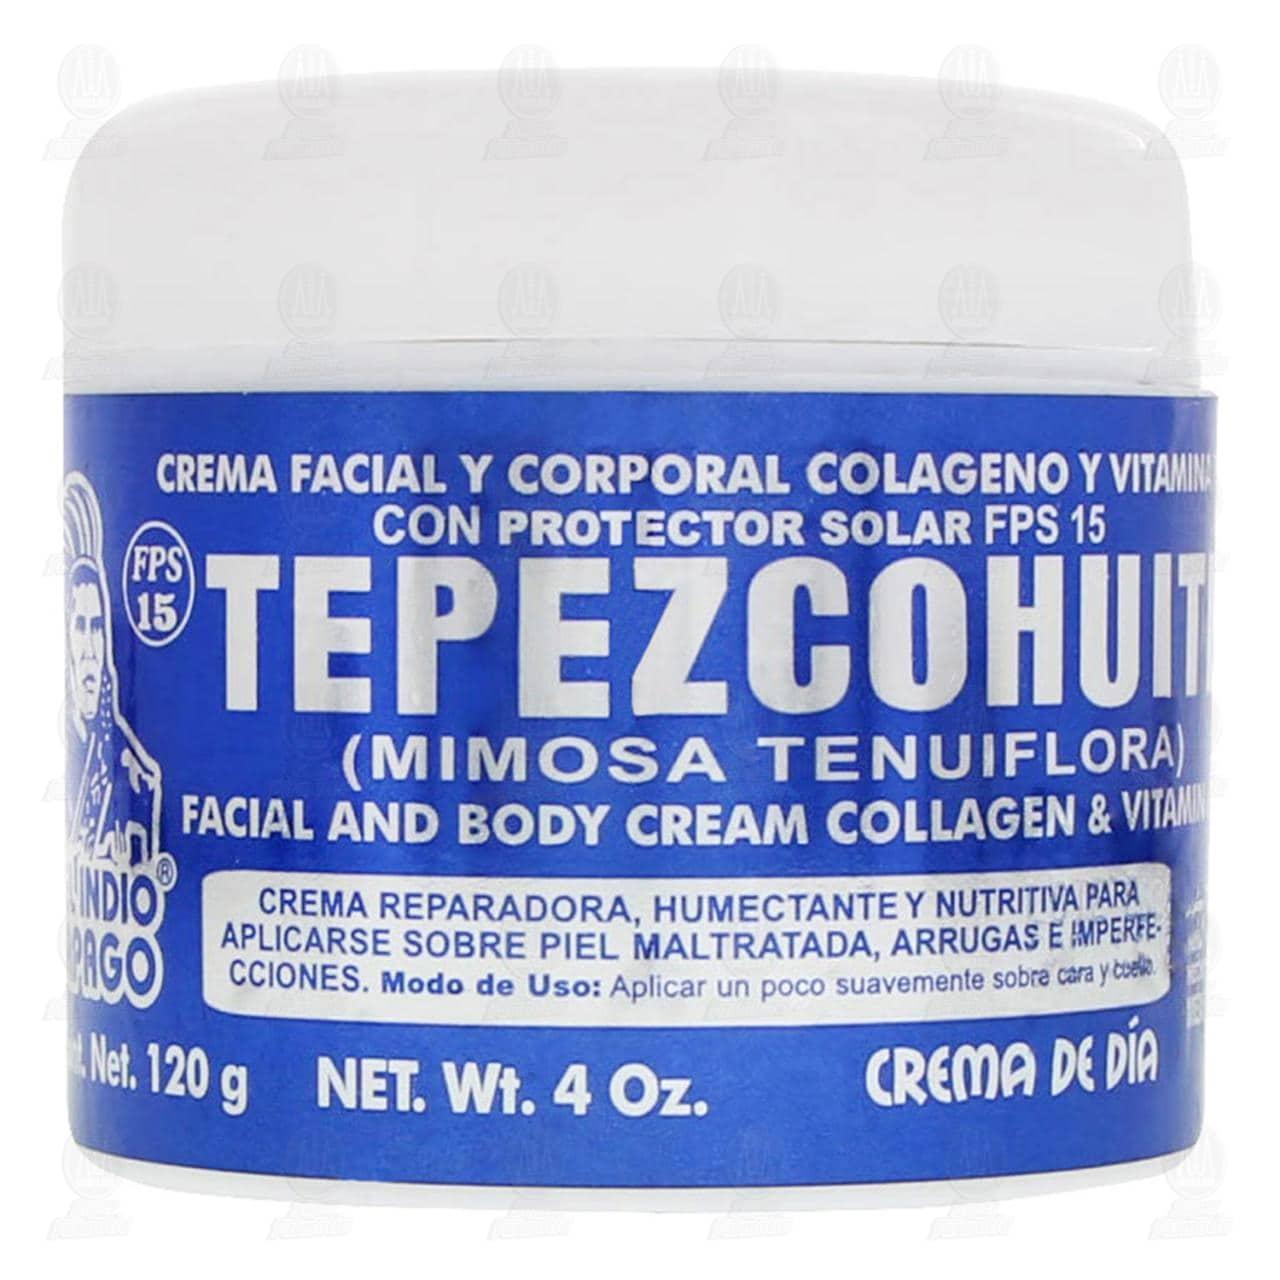 Comprar Crema Corporal del Indio Papago de Tepezcohuite para el Día, 120 gr. en Farmacias Guadalajara